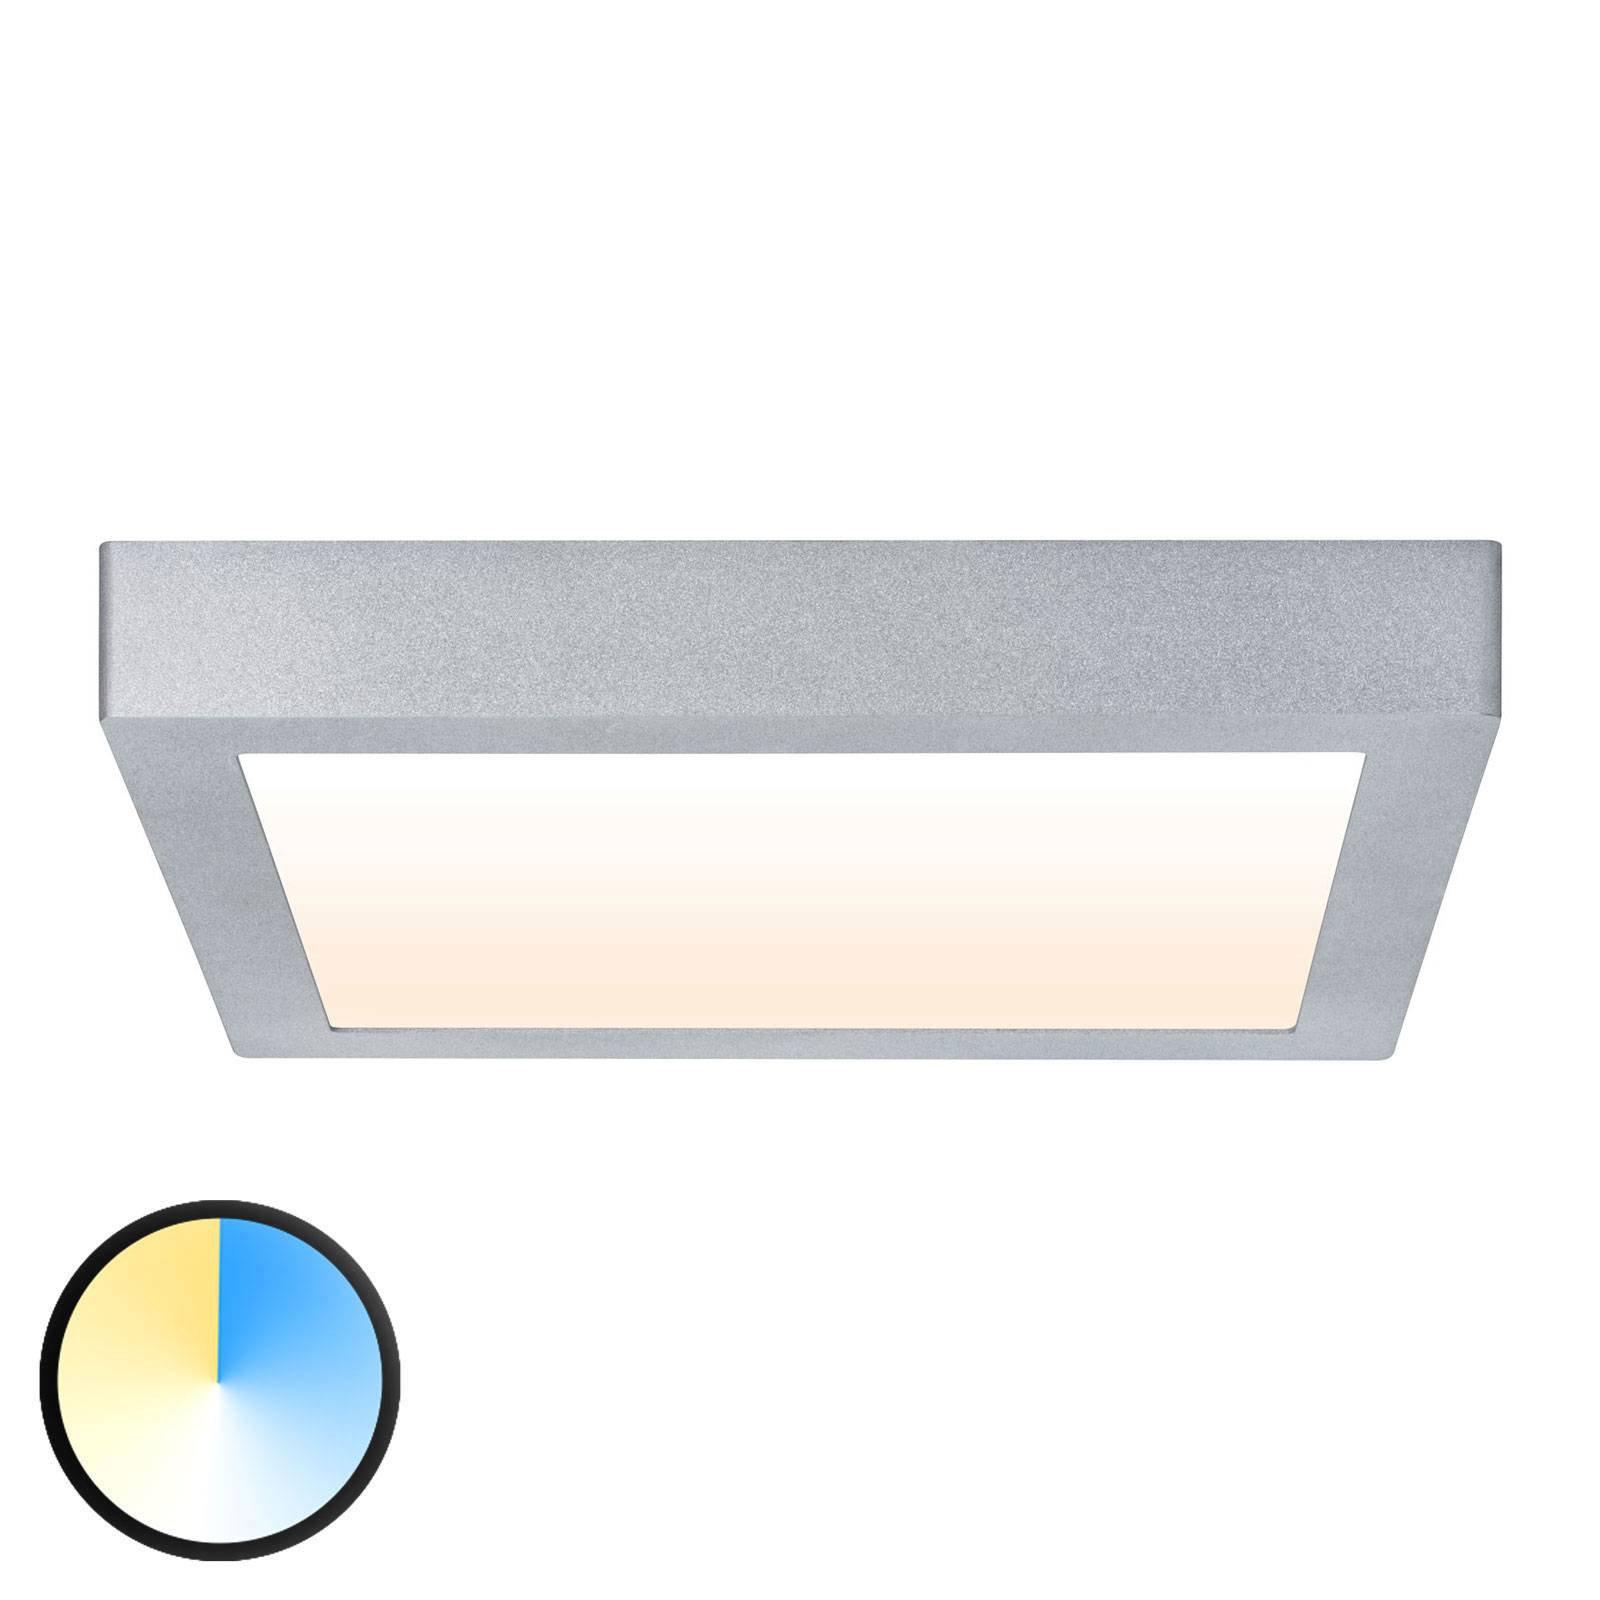 Paulmann Carpo LED-taklampe krom 30x30 cm